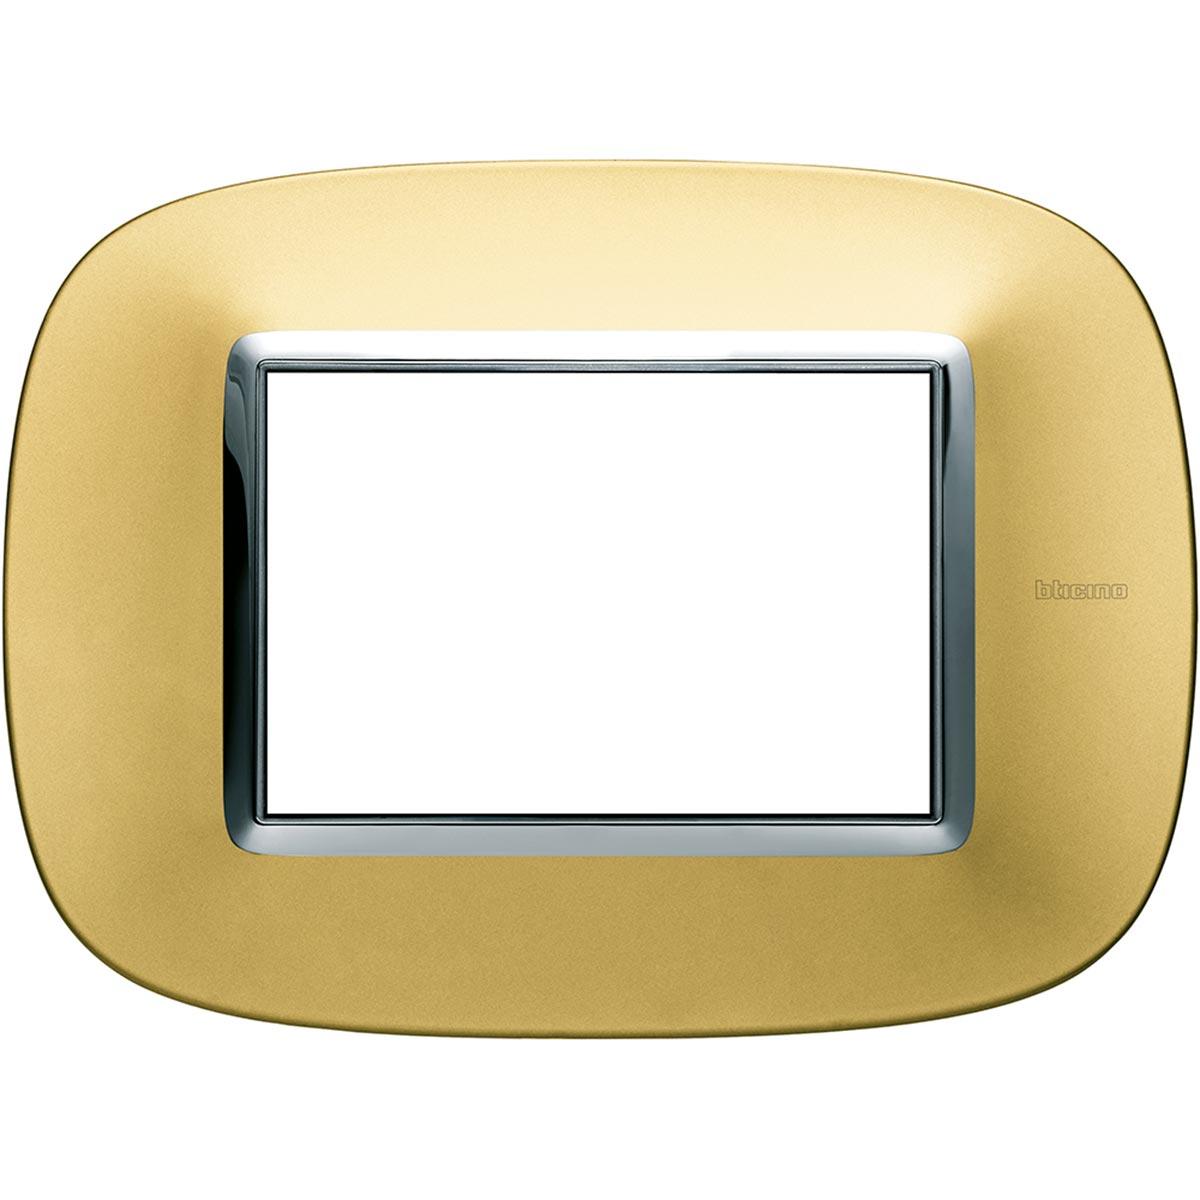 HB4803OS axolute bticino placche oro satinato 3 posti